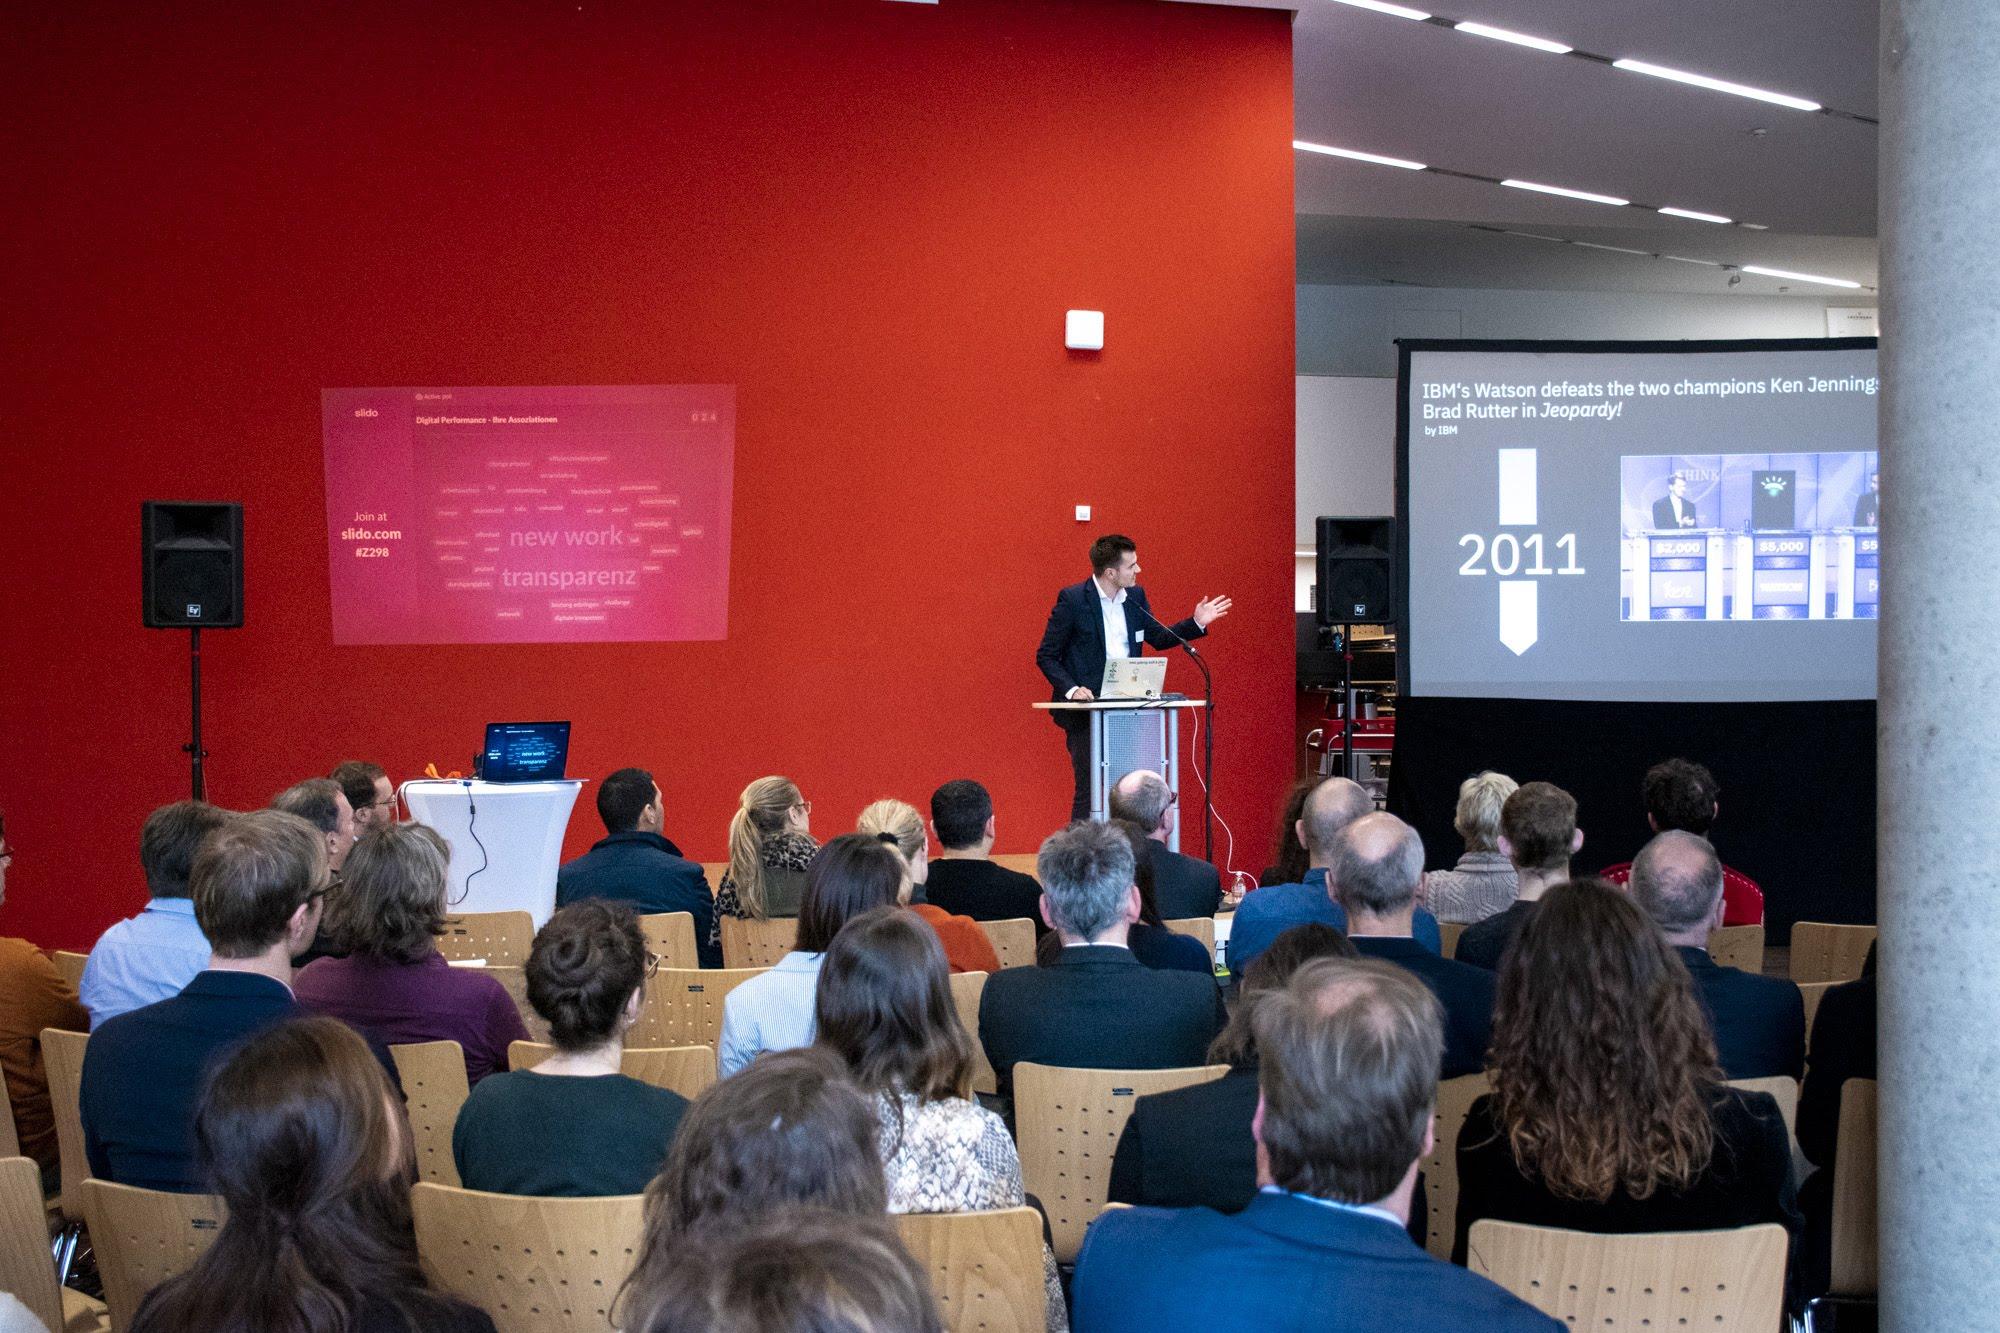 Vom LeadershipGarage-Kooperationspartner IBM Watson war Jelko Münsterkötter zu Gast und sprach über die Erfolgsperspektiven von KI.